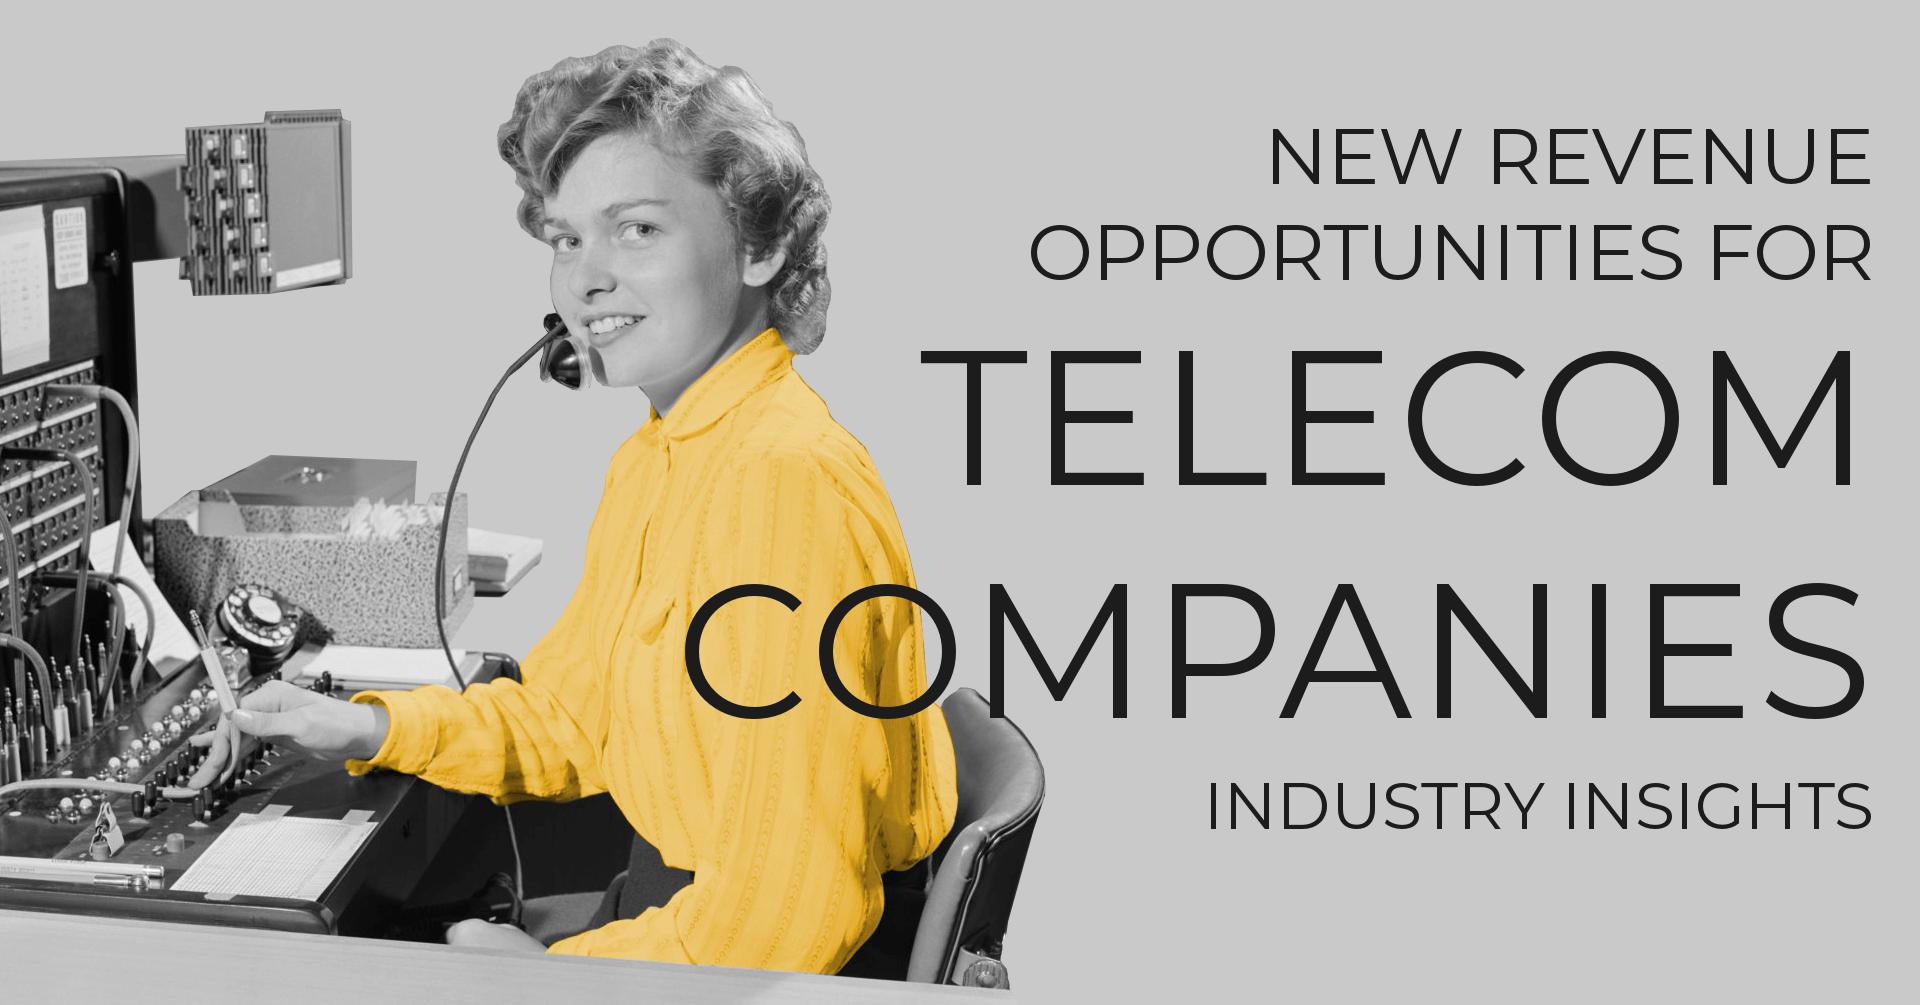 New Revenue Opportunities for Telecom Companies